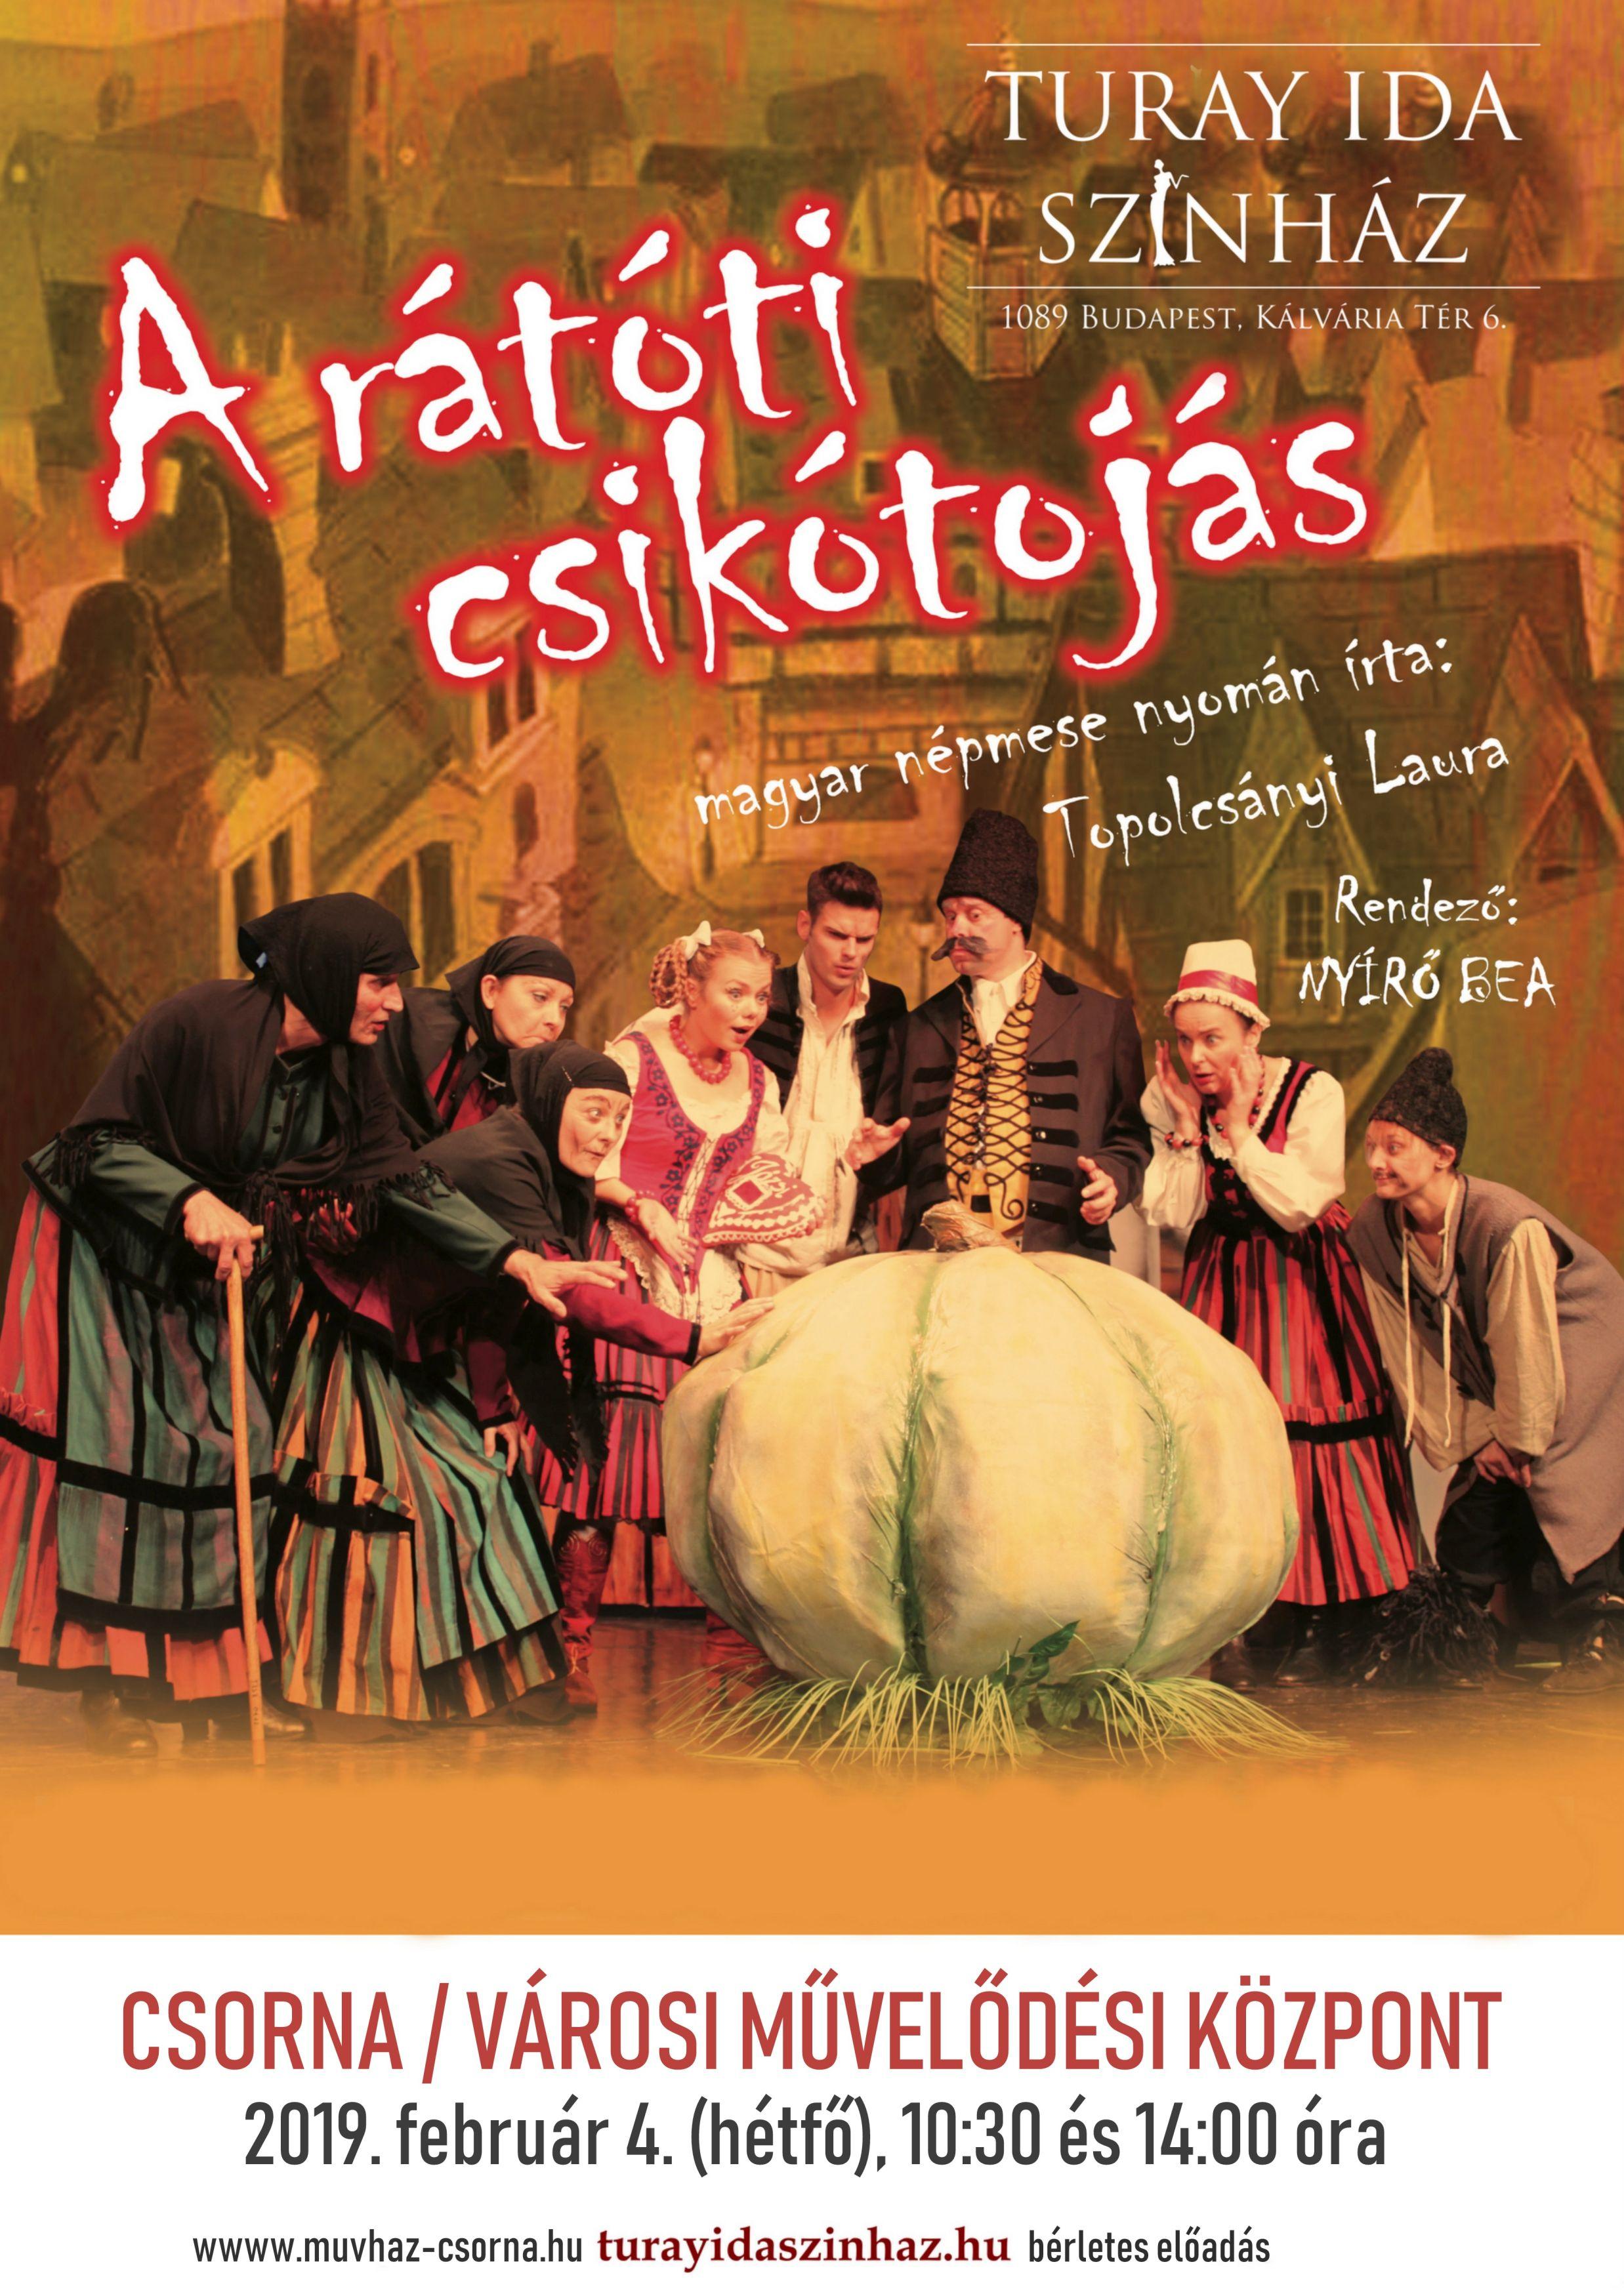 a_ratoti_csikotojas